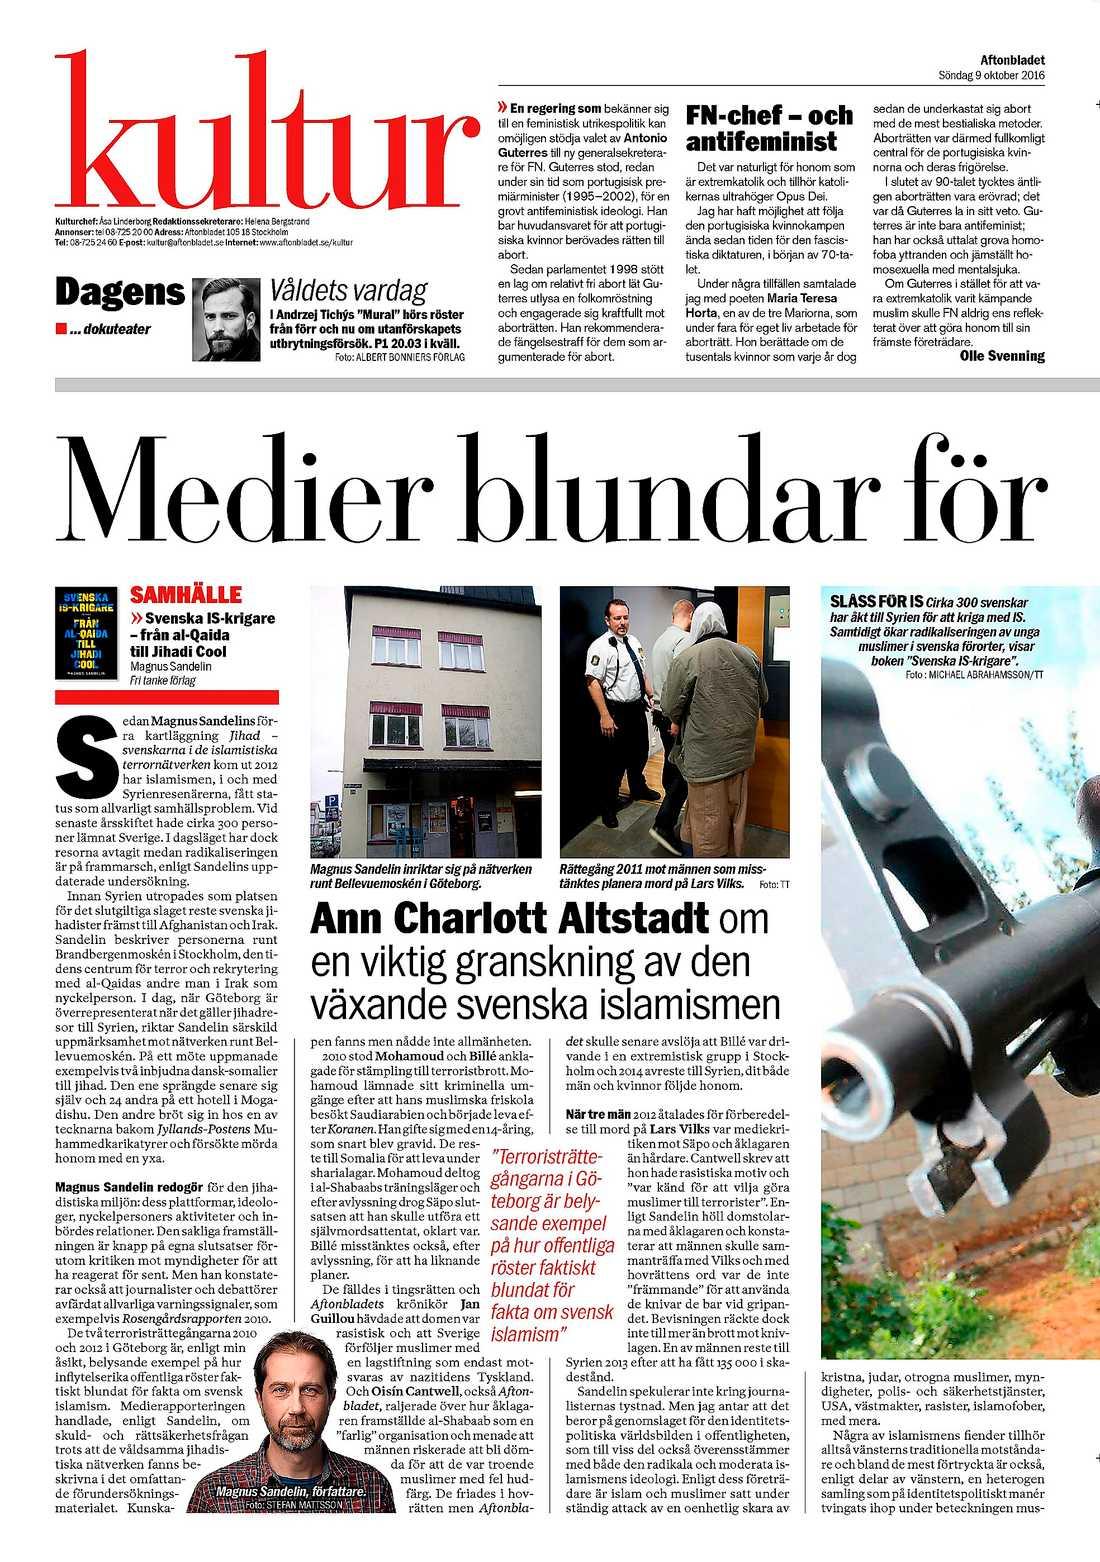 Kritiseras av kultursidorna Aftonbladet och Expressens kultursidor hänger ut Jan Guillou och Oisín Cantwell för att vara terrorismens medlöpare efter att de kritiserat en rättegång i Göteborg 2010.